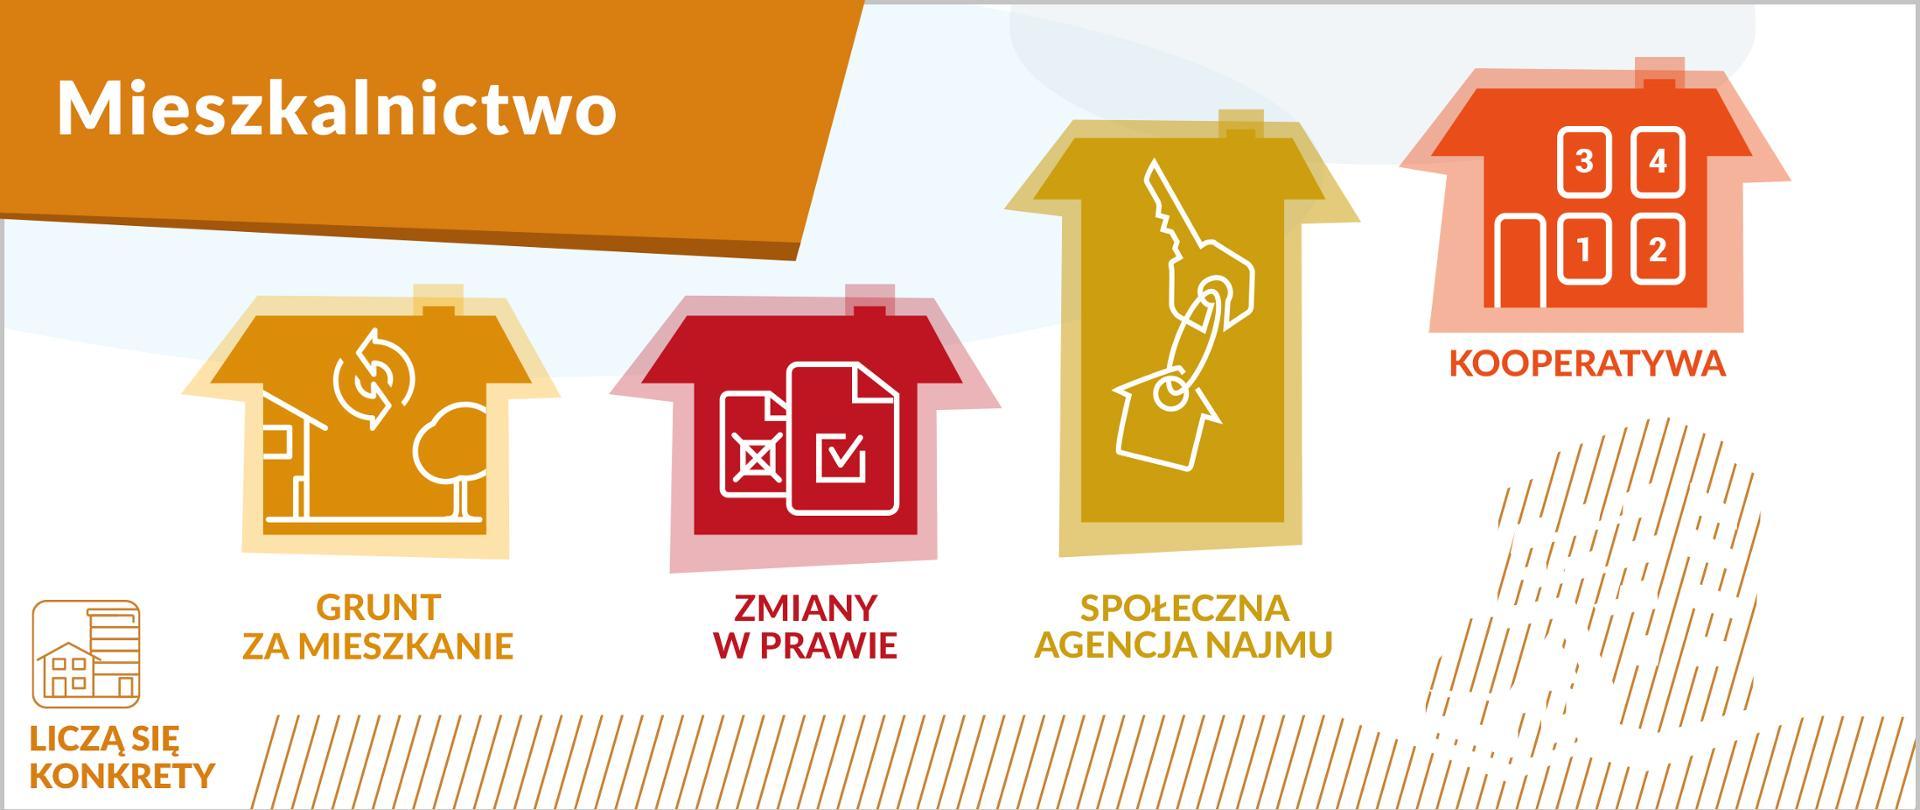 Grafika przedstawia cztery ikony w kształcie domów, z podpisami: grunt za mieszkanie, zmiany w prawie, społeczna agencja najmu, kooperatywa